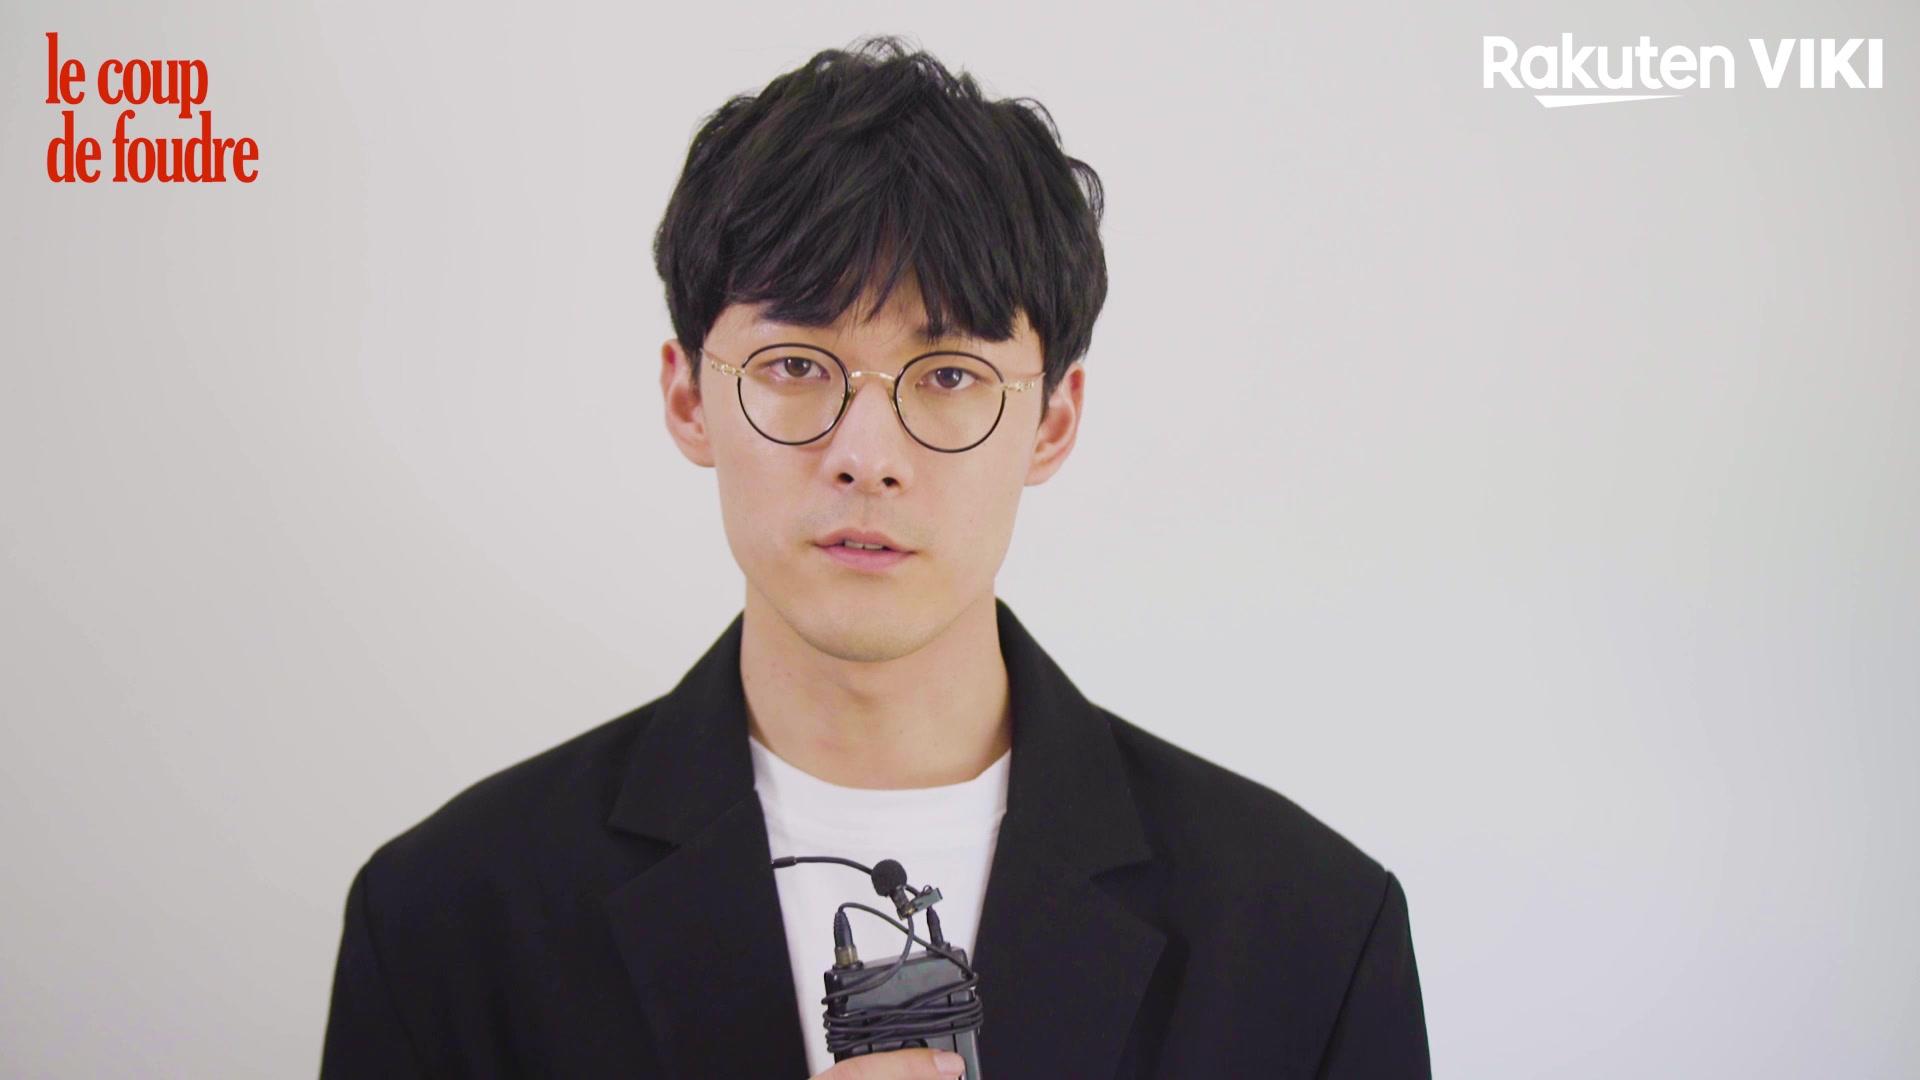 Zhang Yu Jian's Shoutout to Viki Fans: Le Coup de Foudre